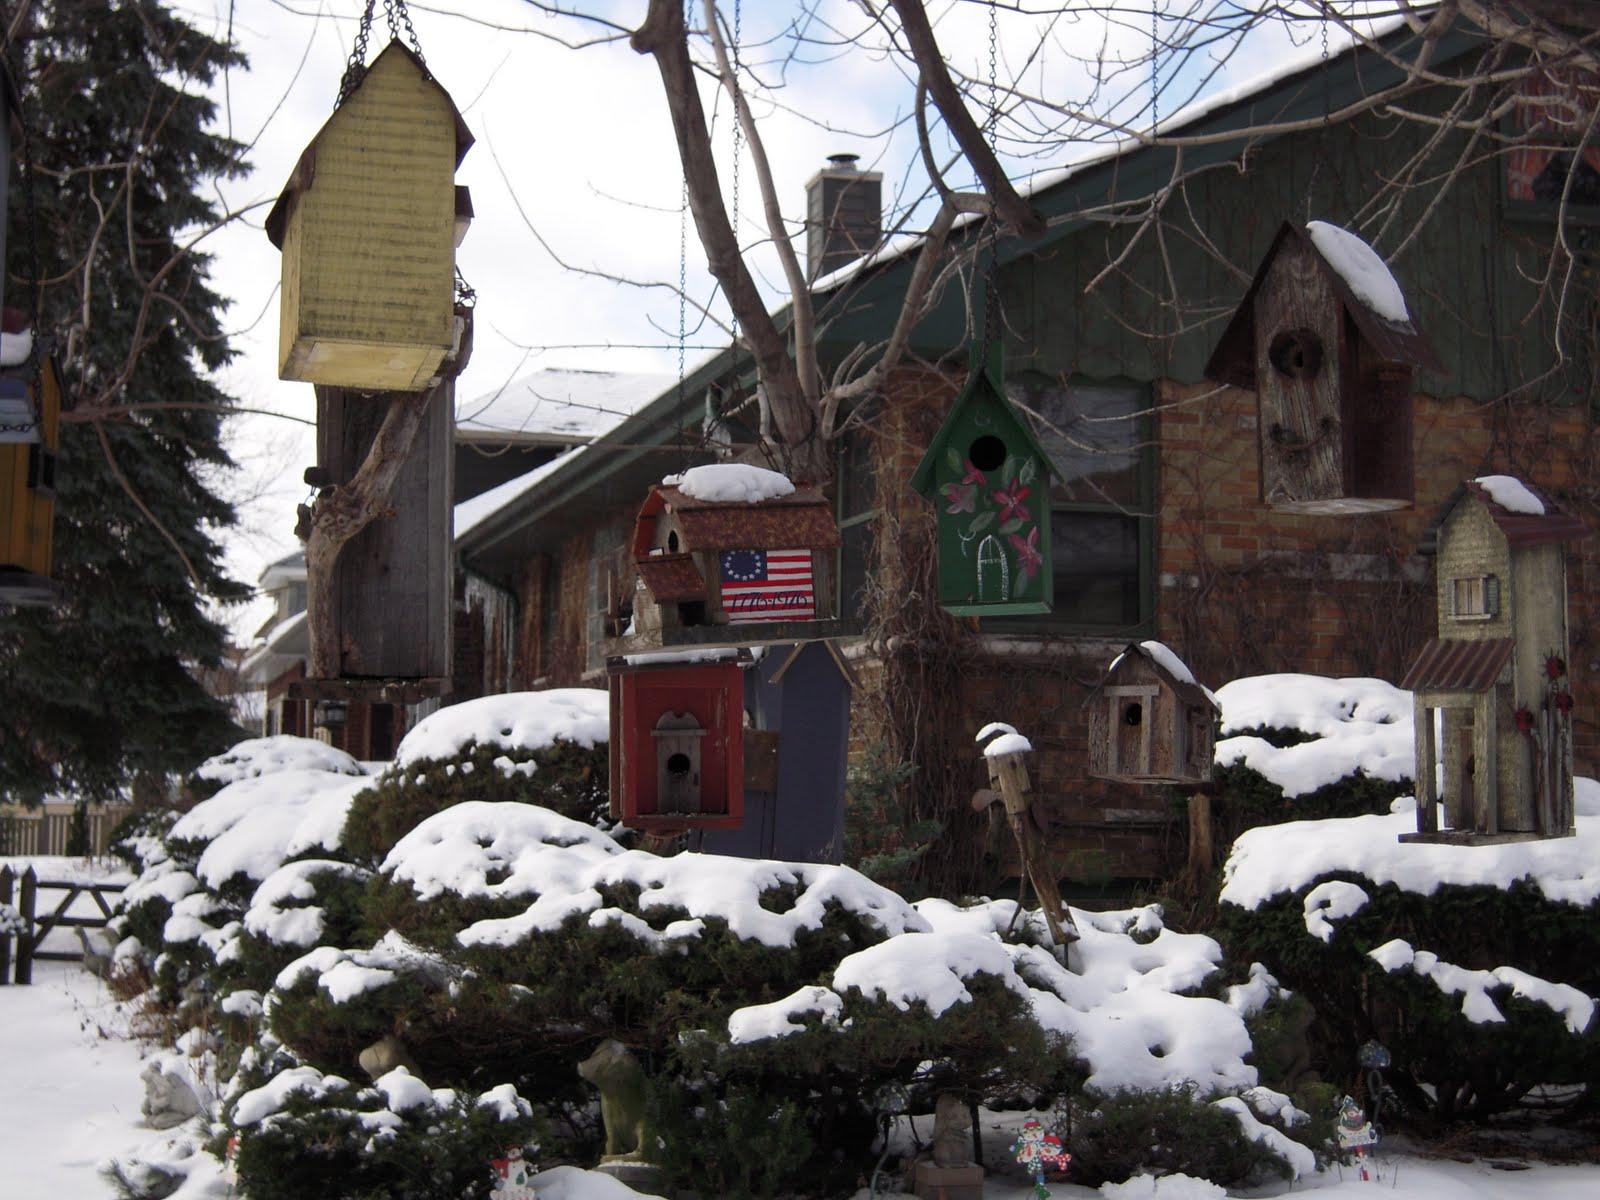 [birdhouses]